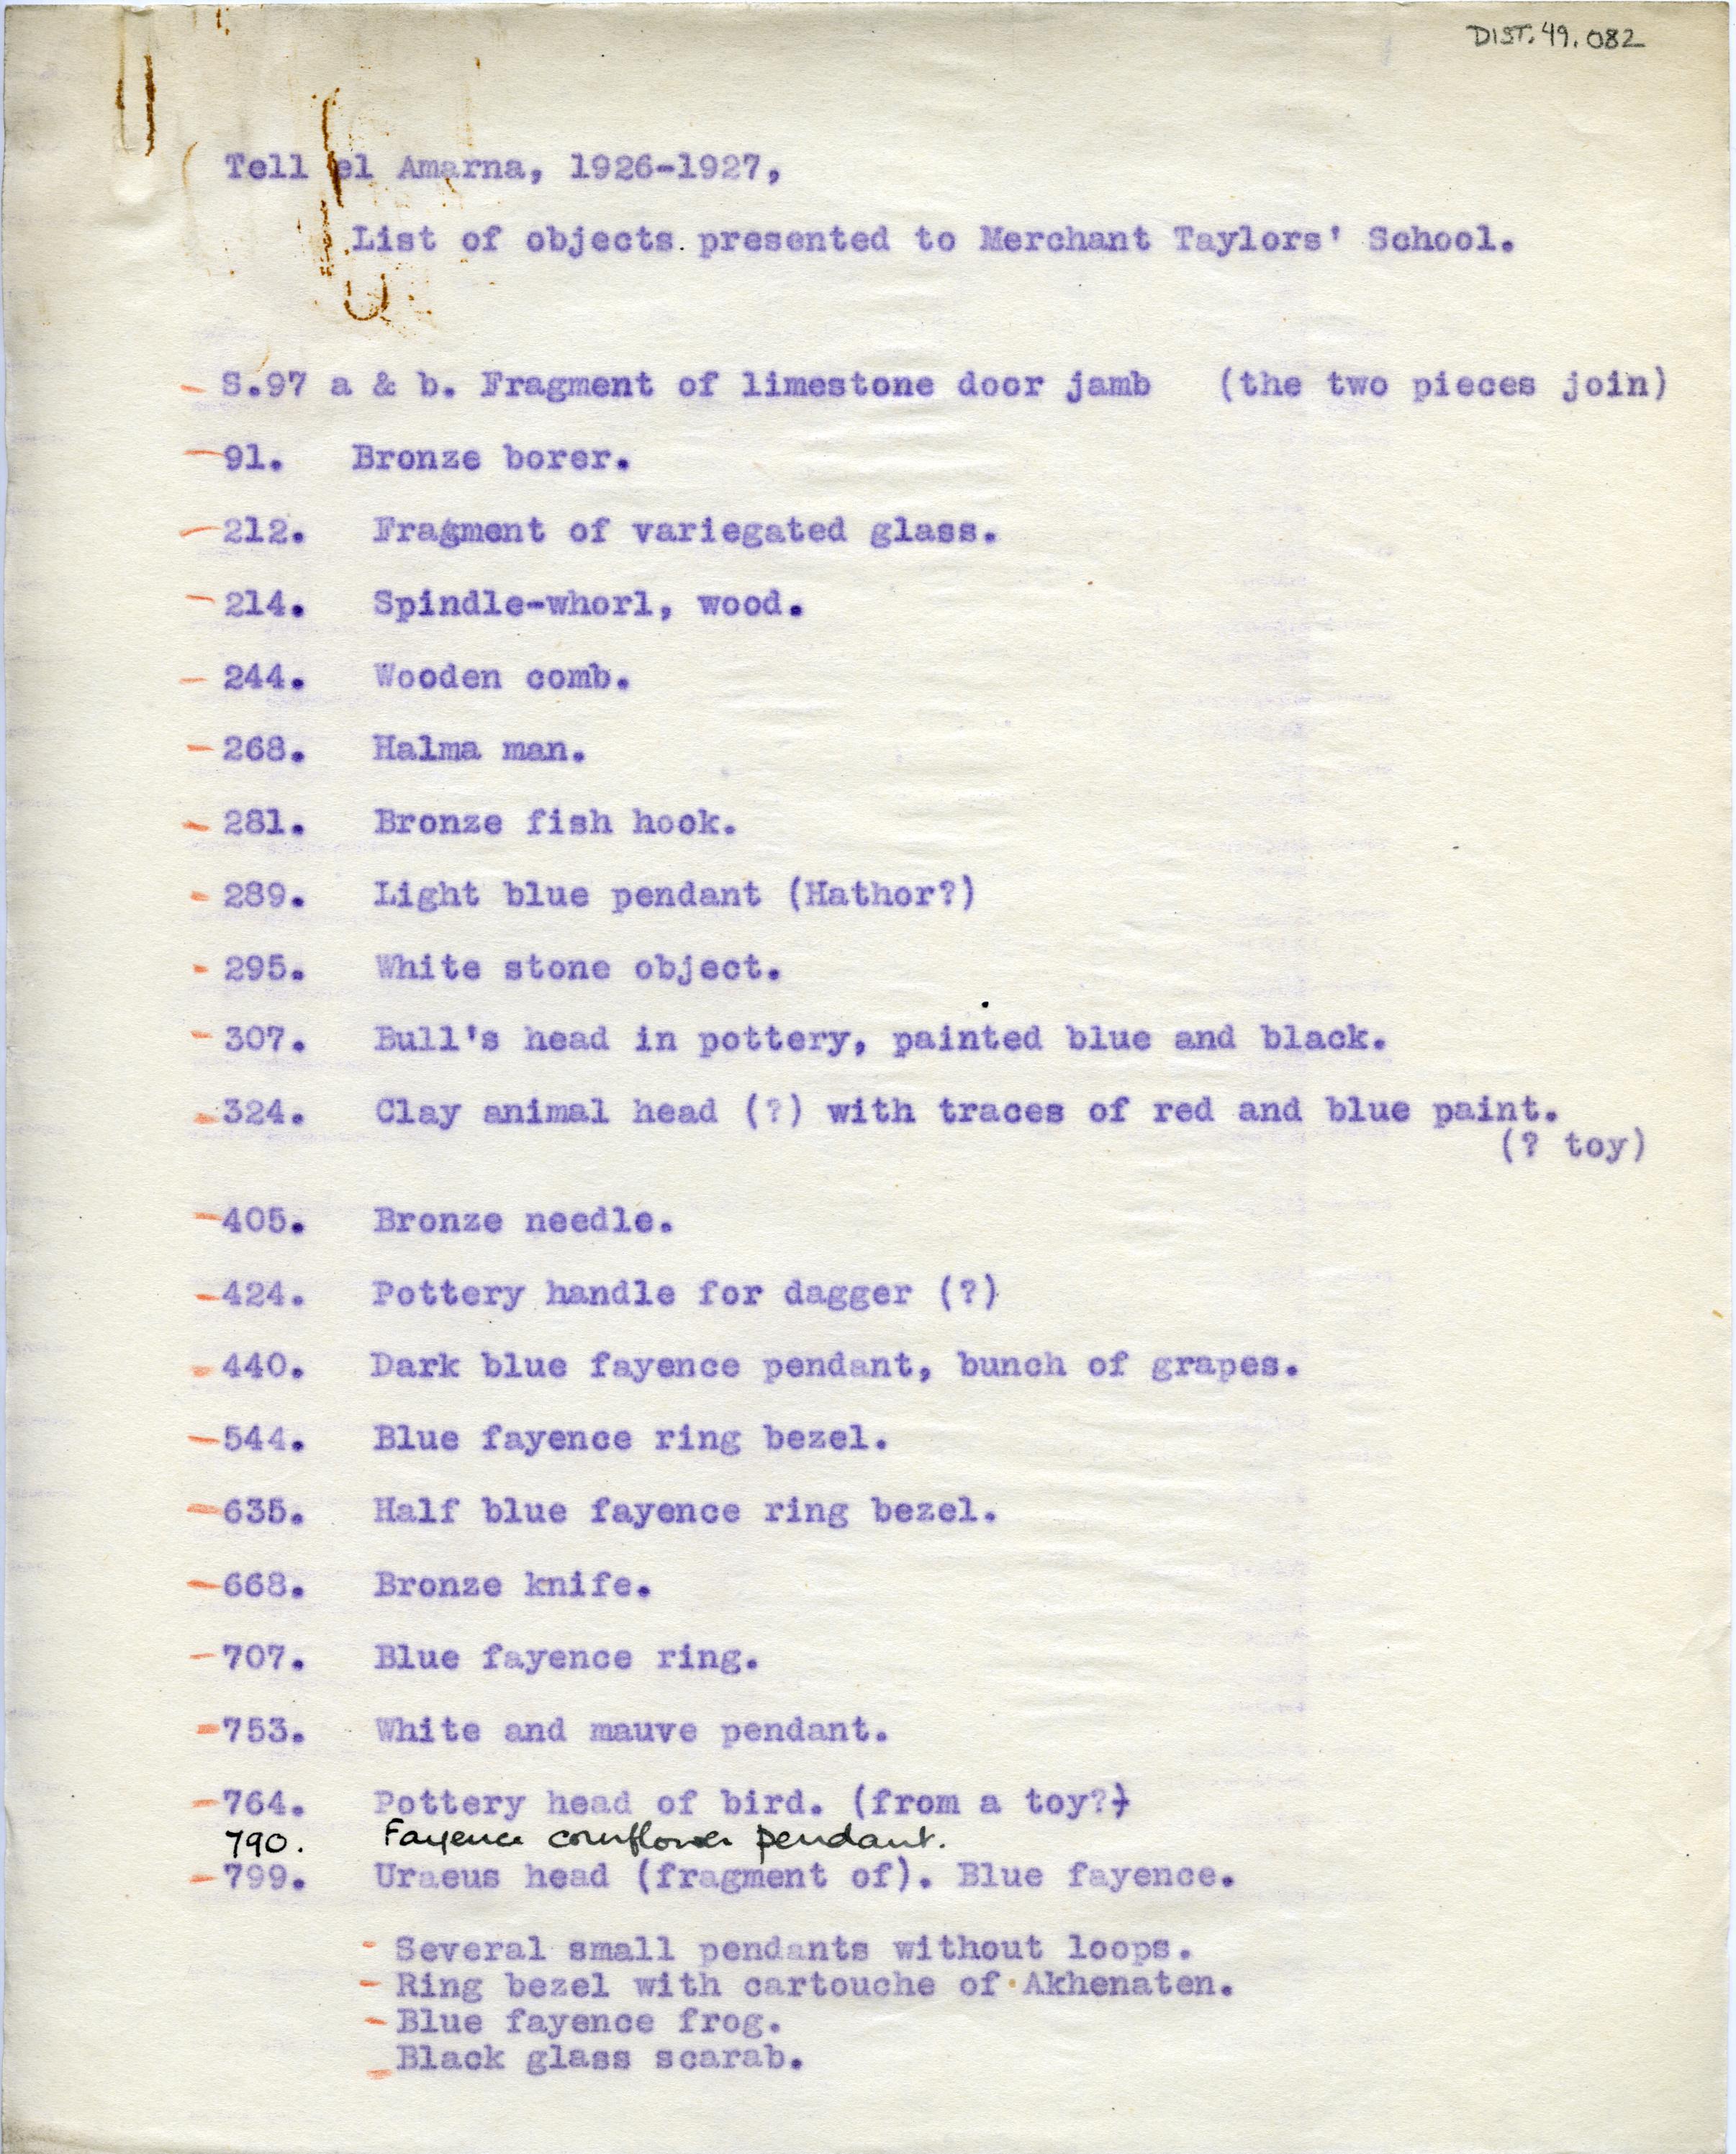 1926-27 el-Amarna DIST.49.082a